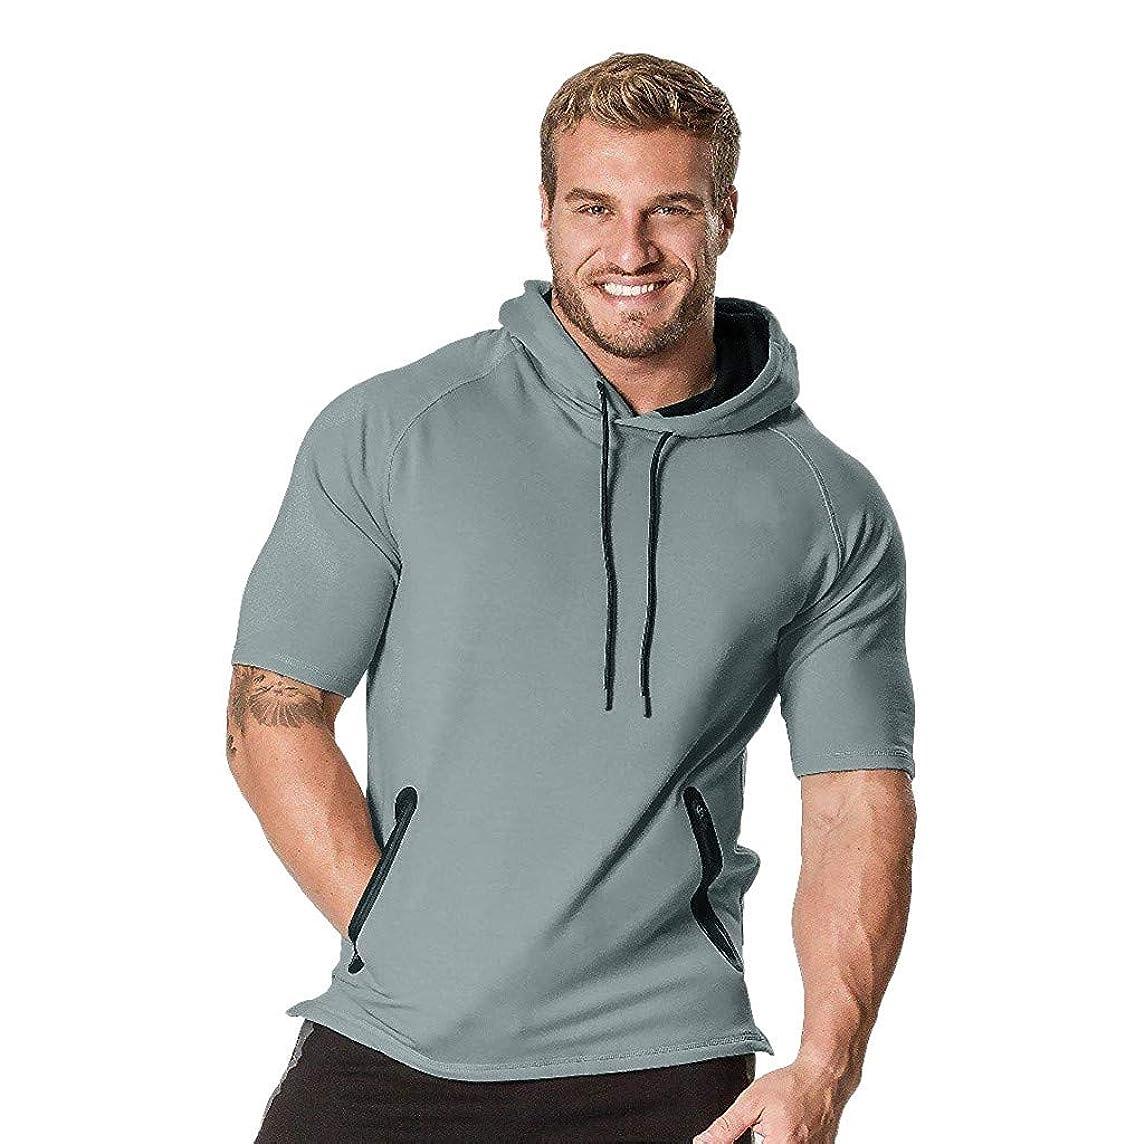 iHPH7 Men's Tank Top Tee Shirt Sport Fitness Vest #19052627